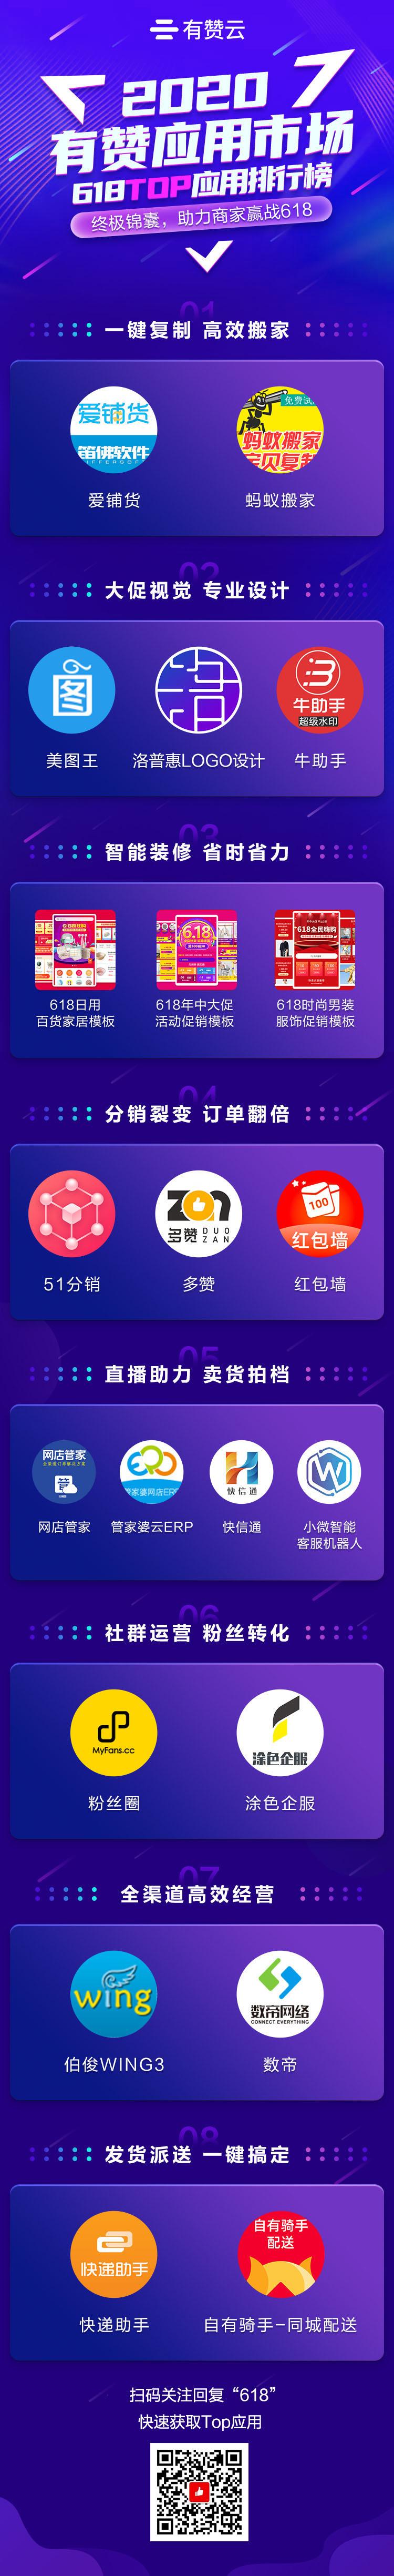 有赞云排行榜12(3).jpg